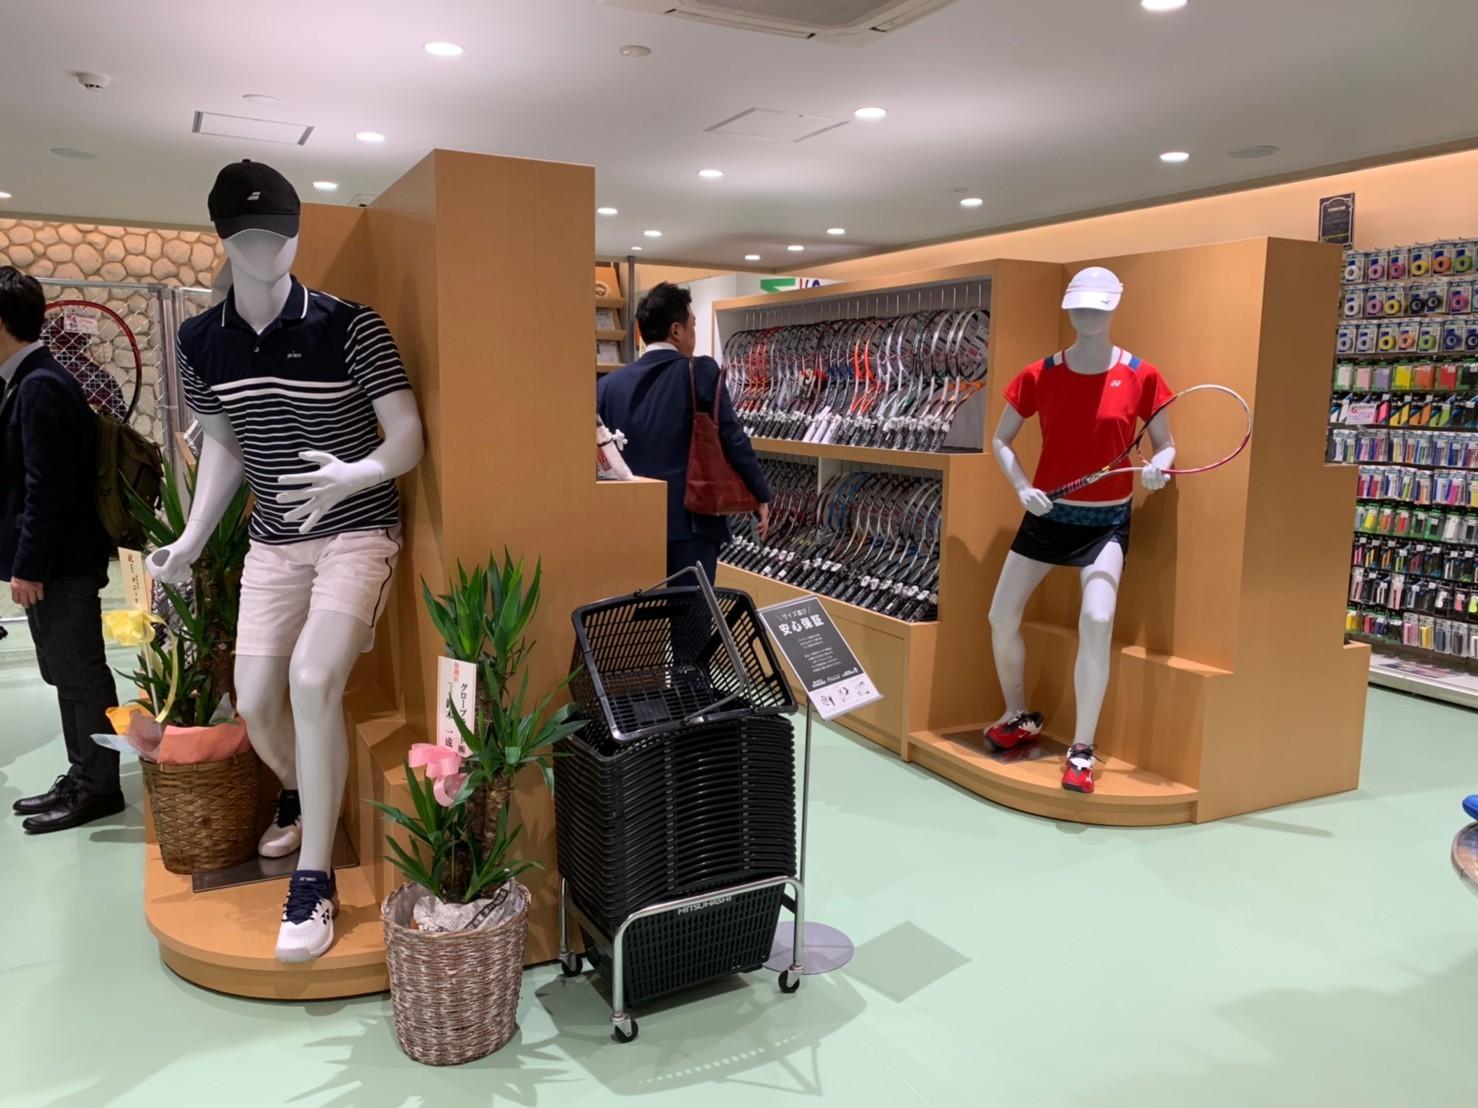 SPORTS MITSUHASHI様 ホワイトライン店・雅店完了!_f0300358_14224888.jpg